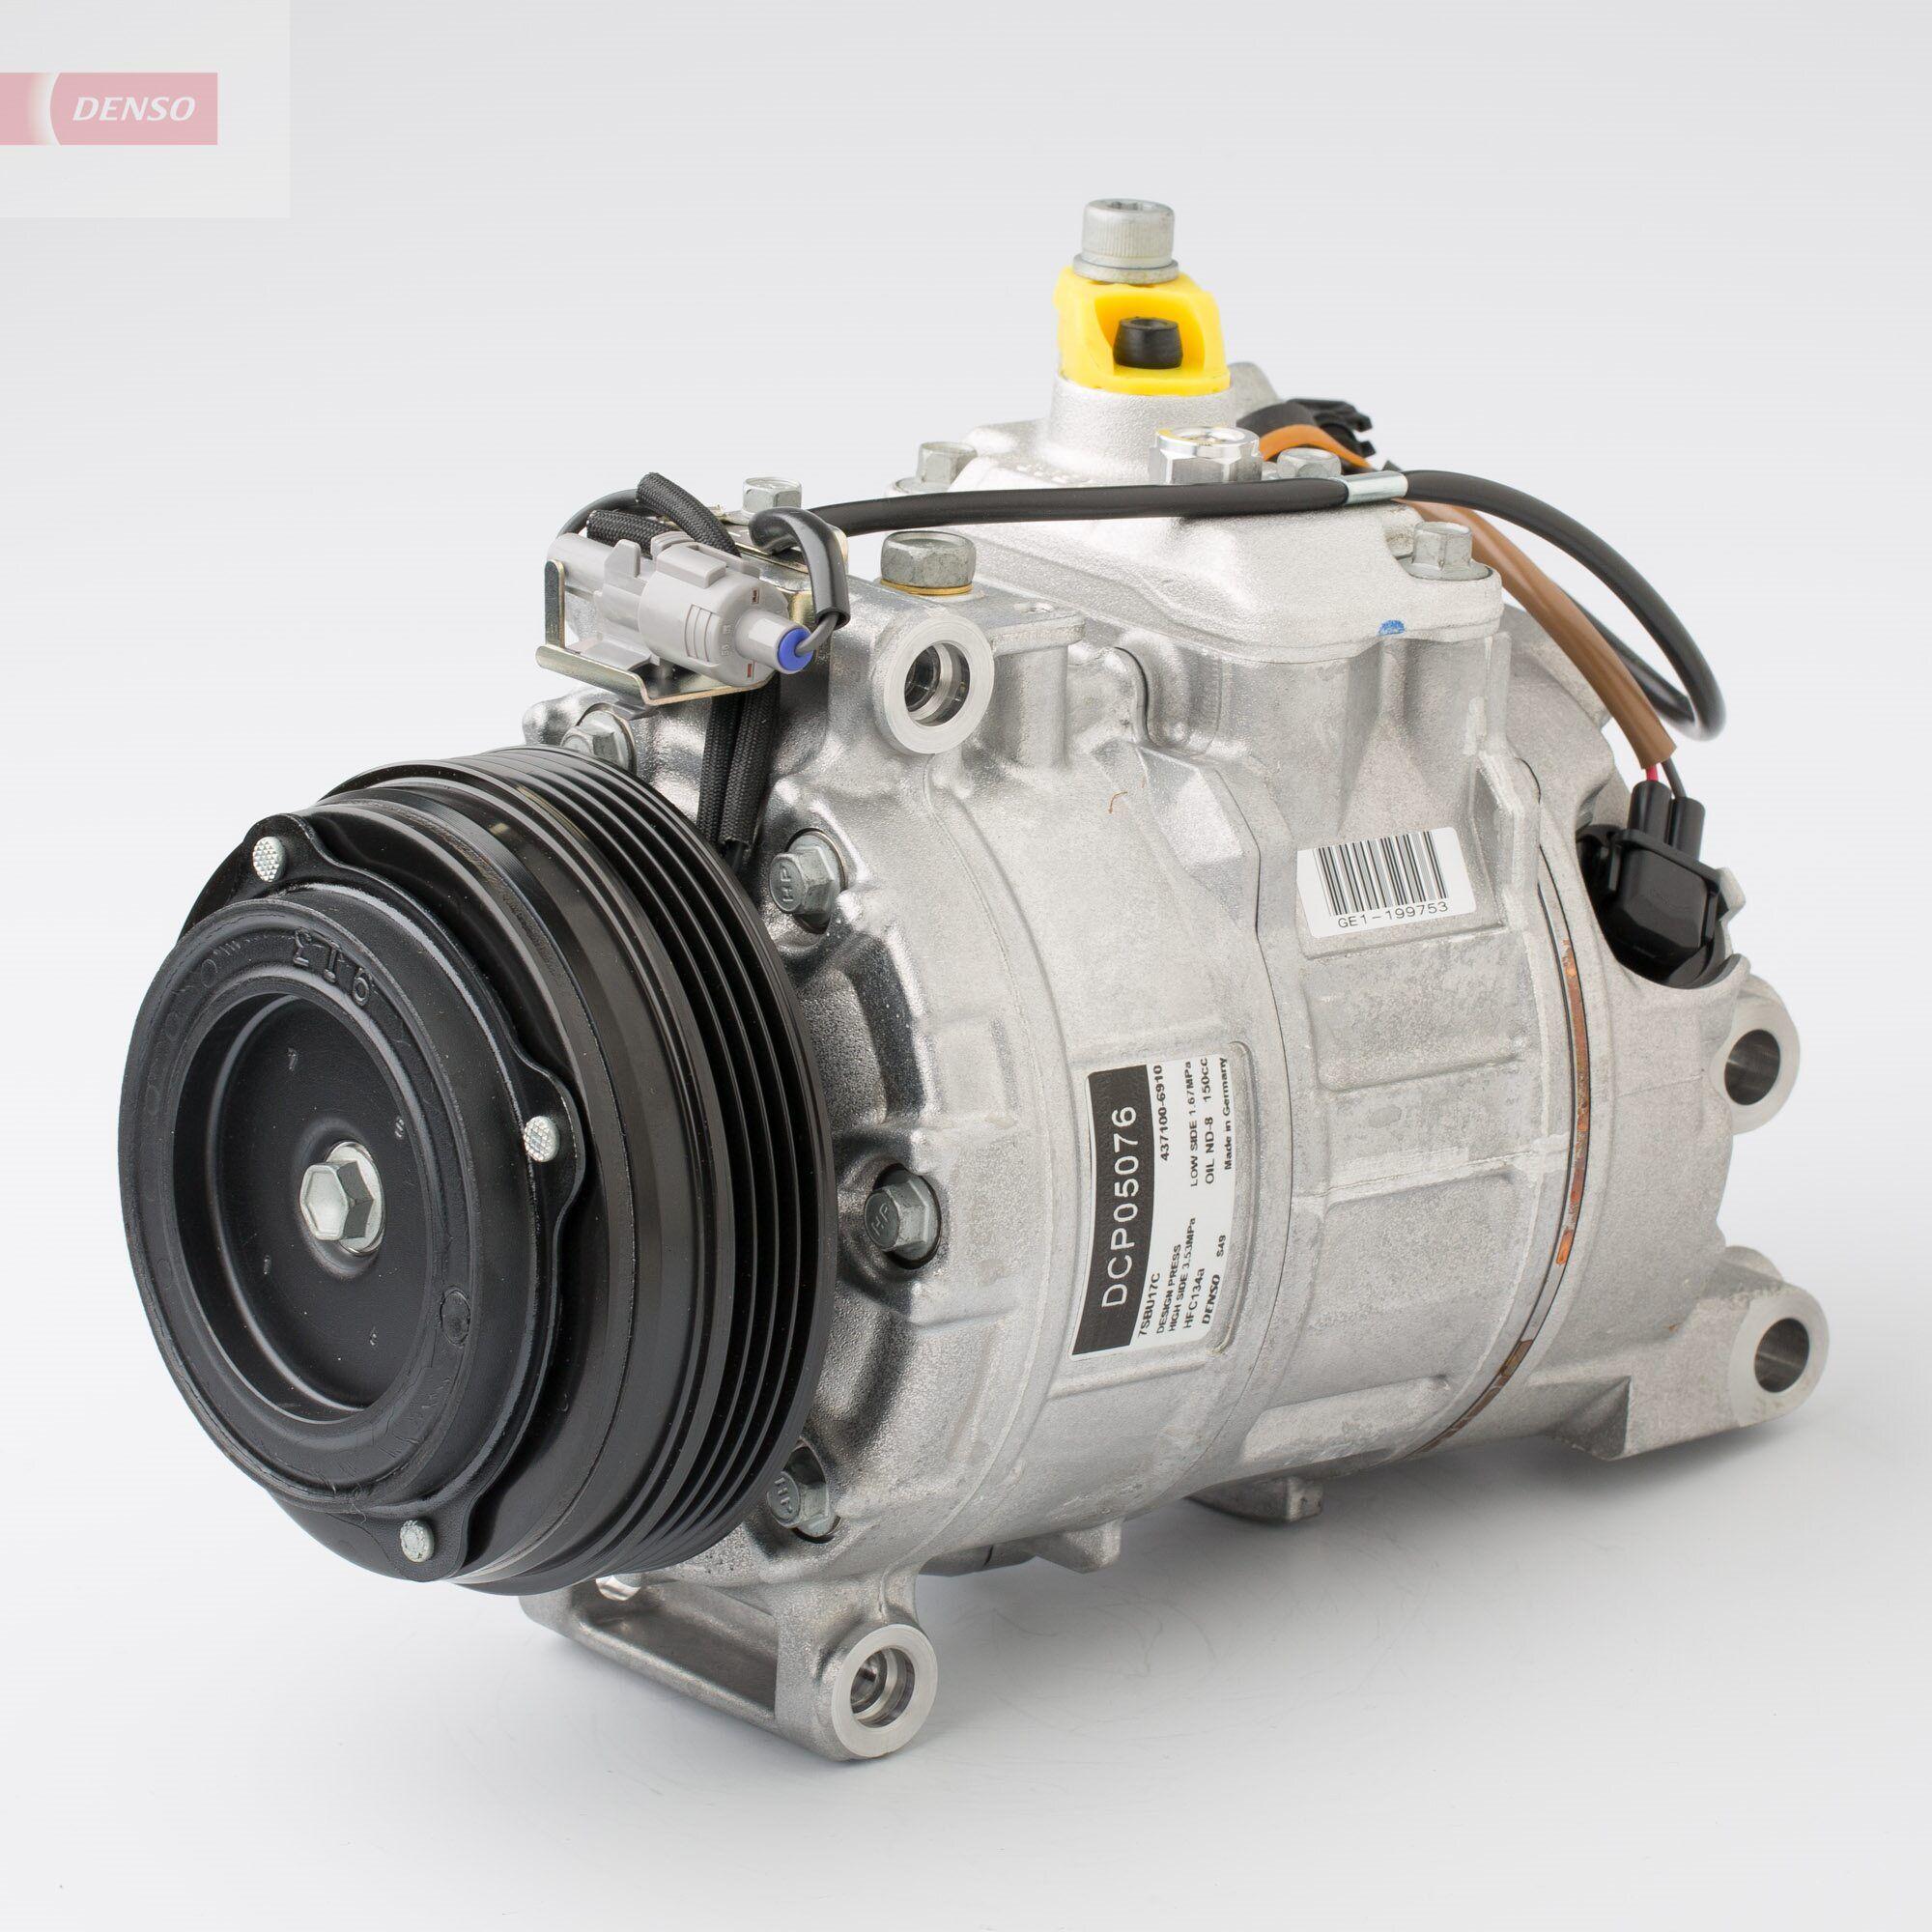 køb Kompressor klimaanlæg DCP05076 når som helst